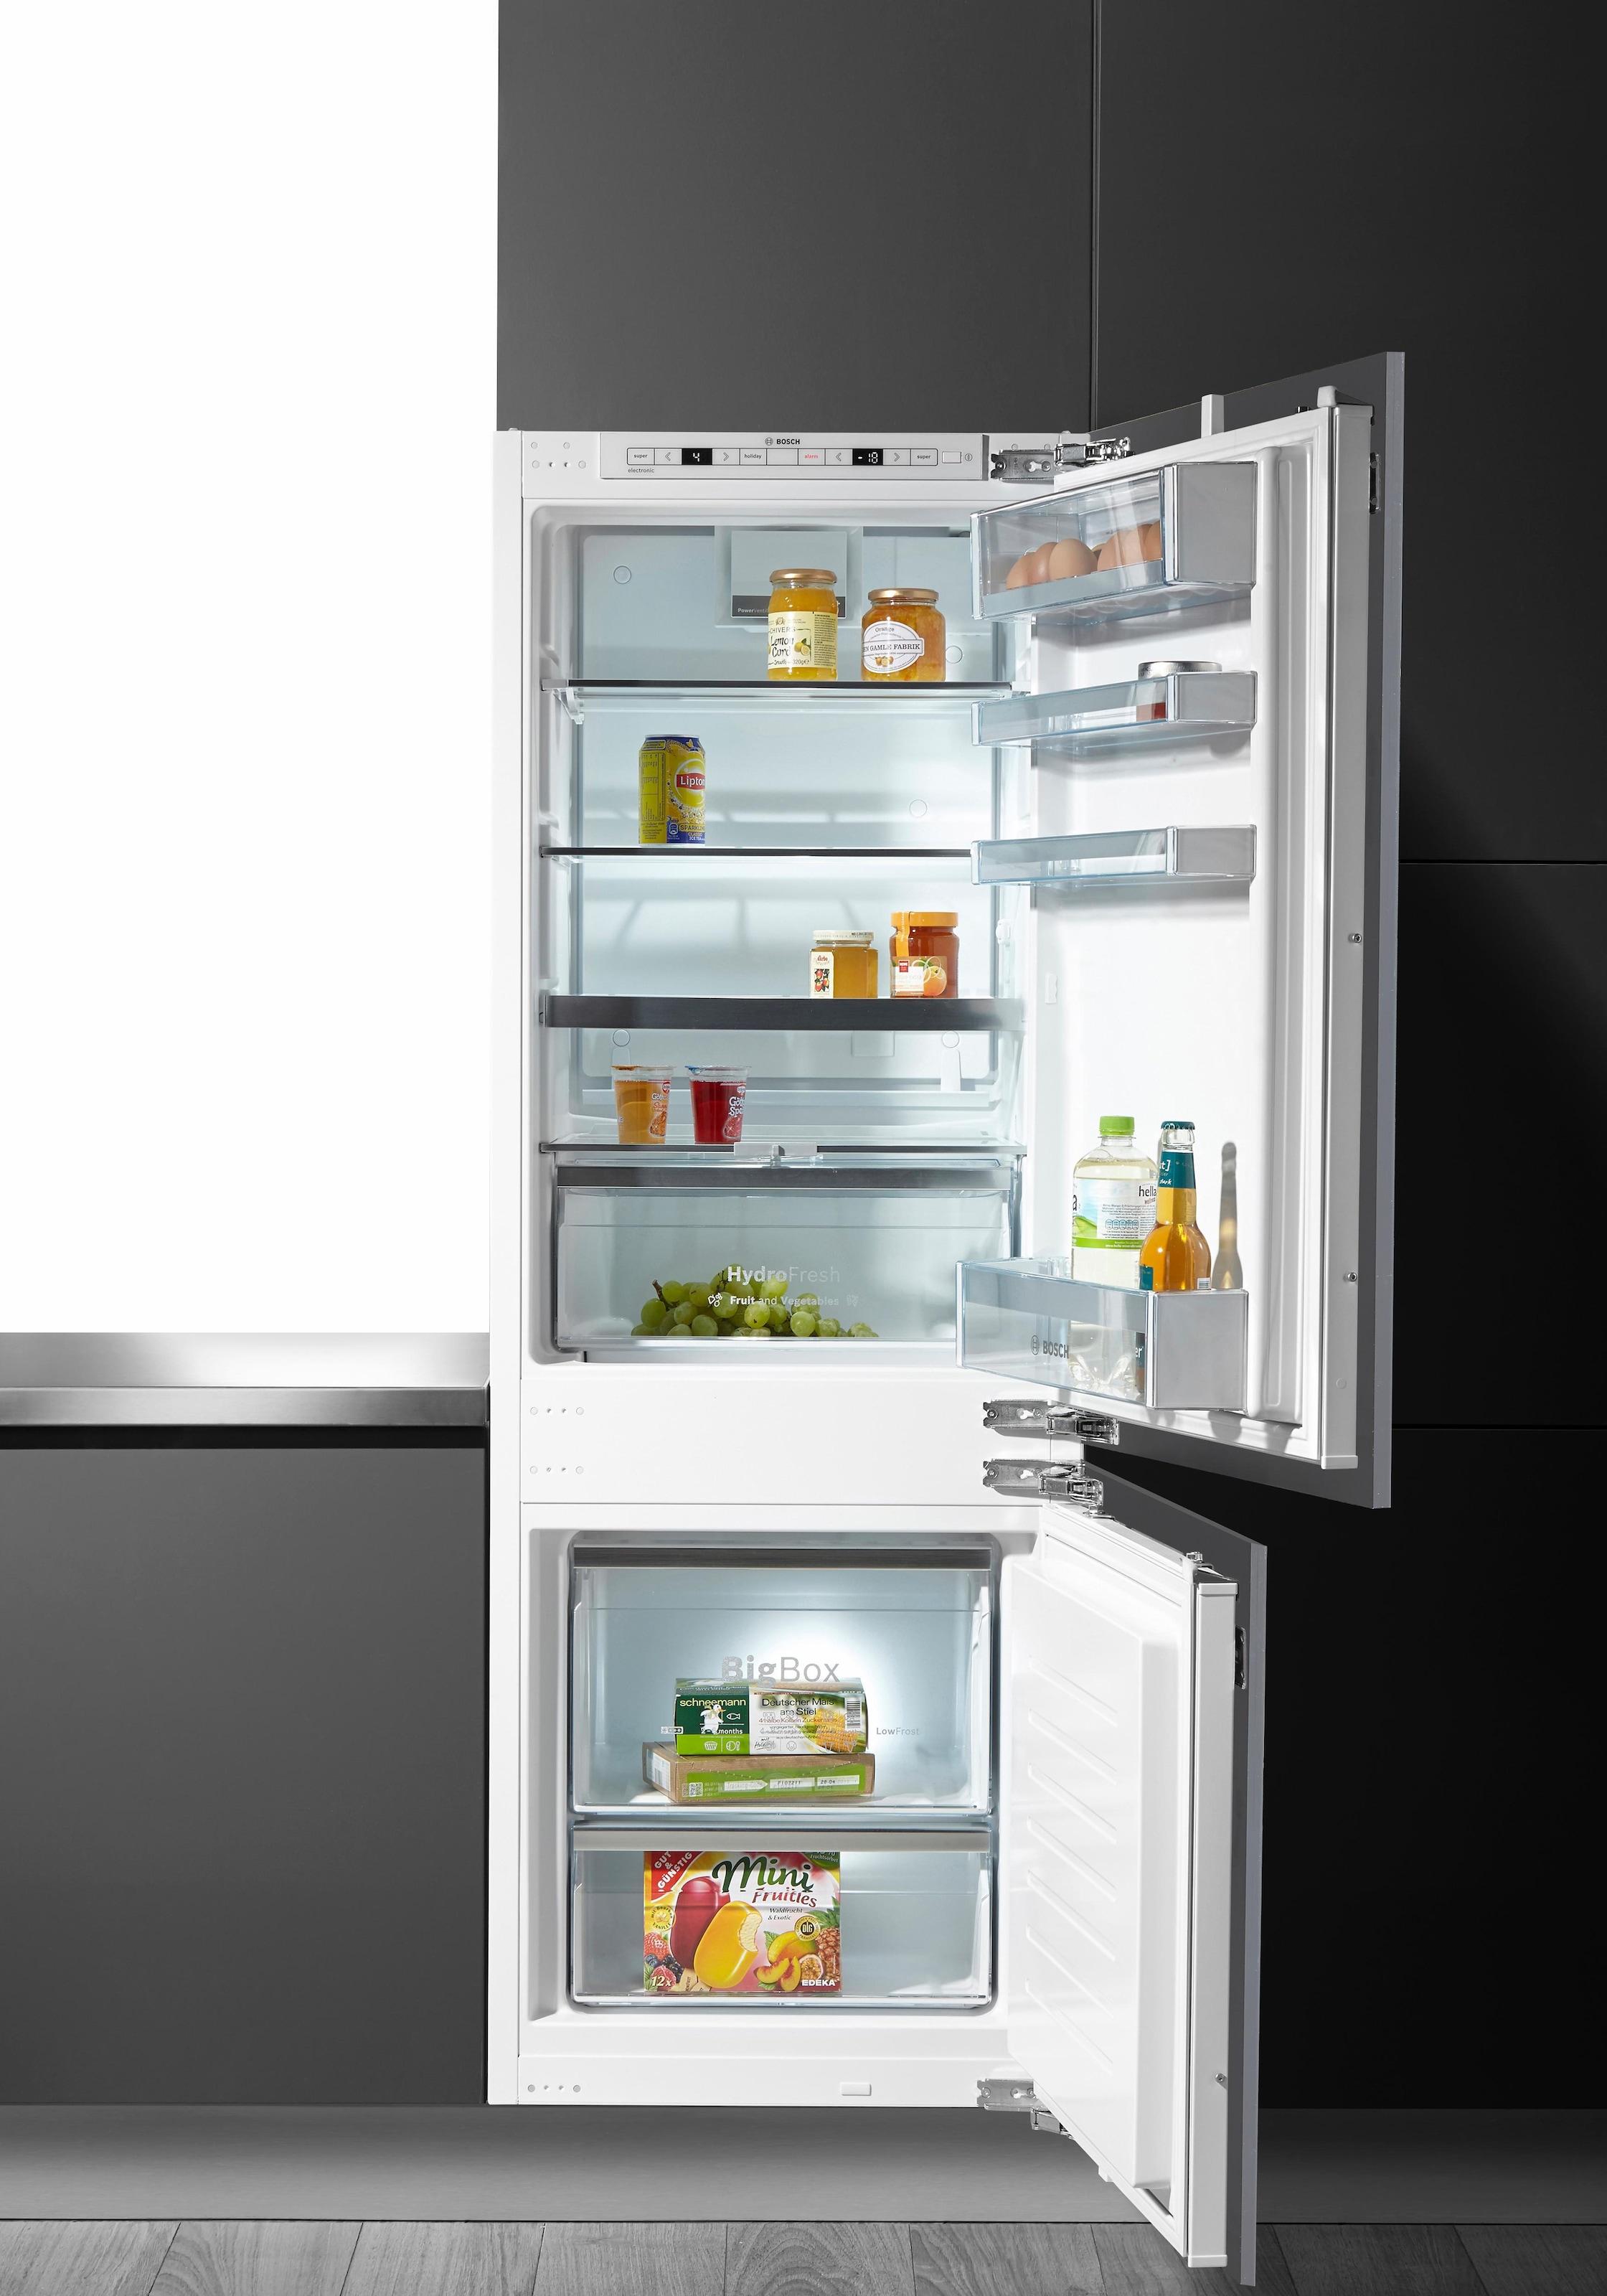 Bosch Kühlschrank Mit Eiswürfelbereiter : Bosch einbau kühlschrank mit eiswürfelbereiter eingebaute kühl